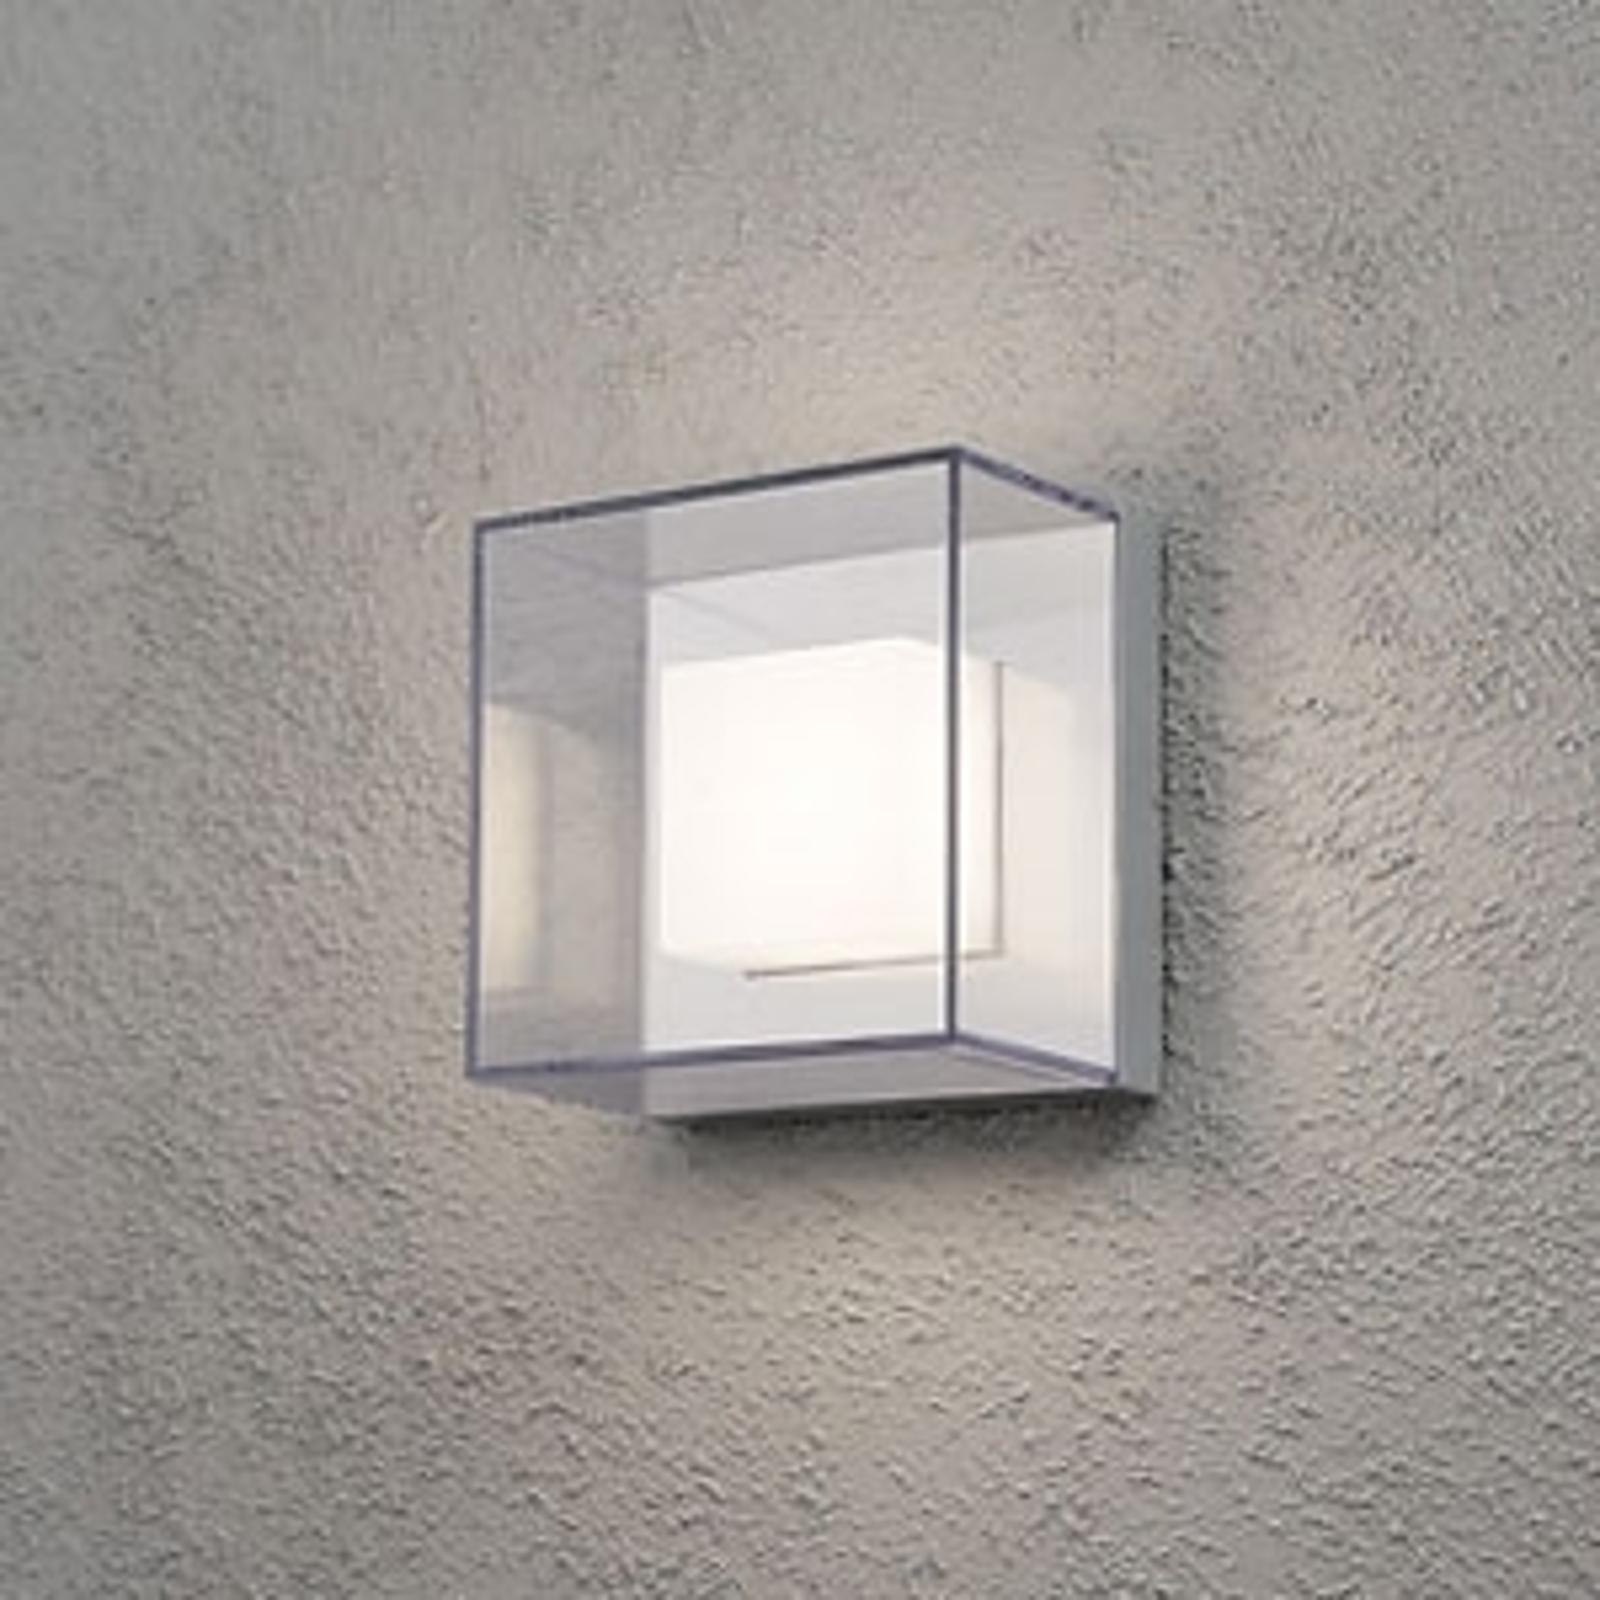 Kwadratowa zewnętrzna lampa ścienna LED Sanremo